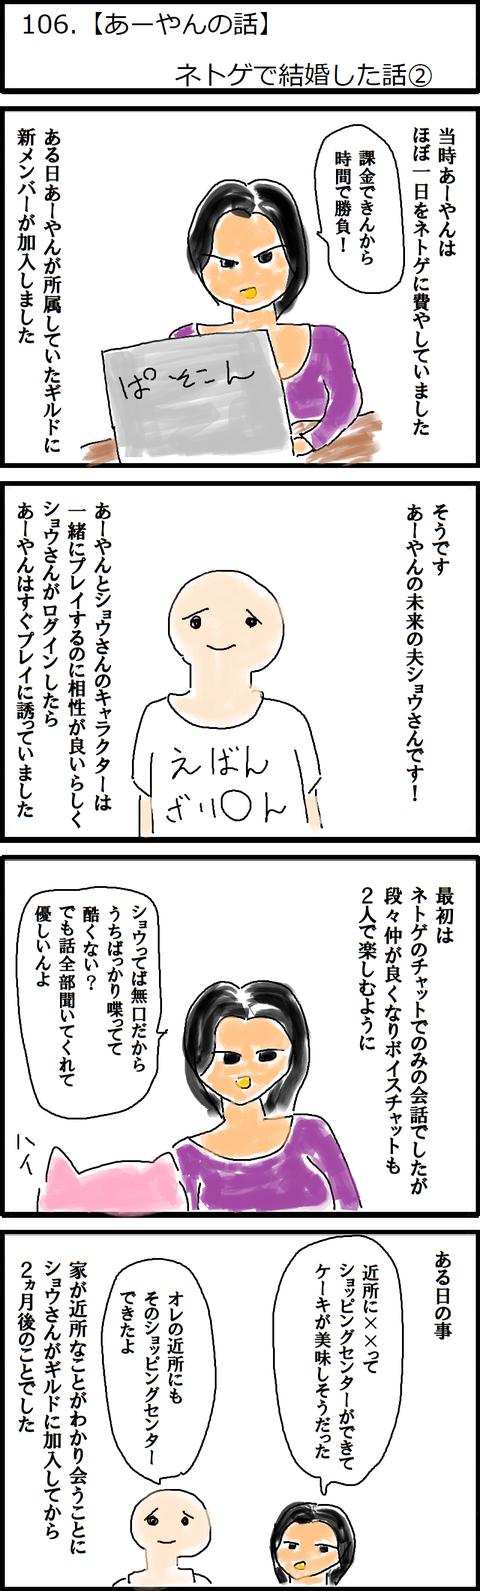 106.【あーやんの話】ネトゲで結婚した話②